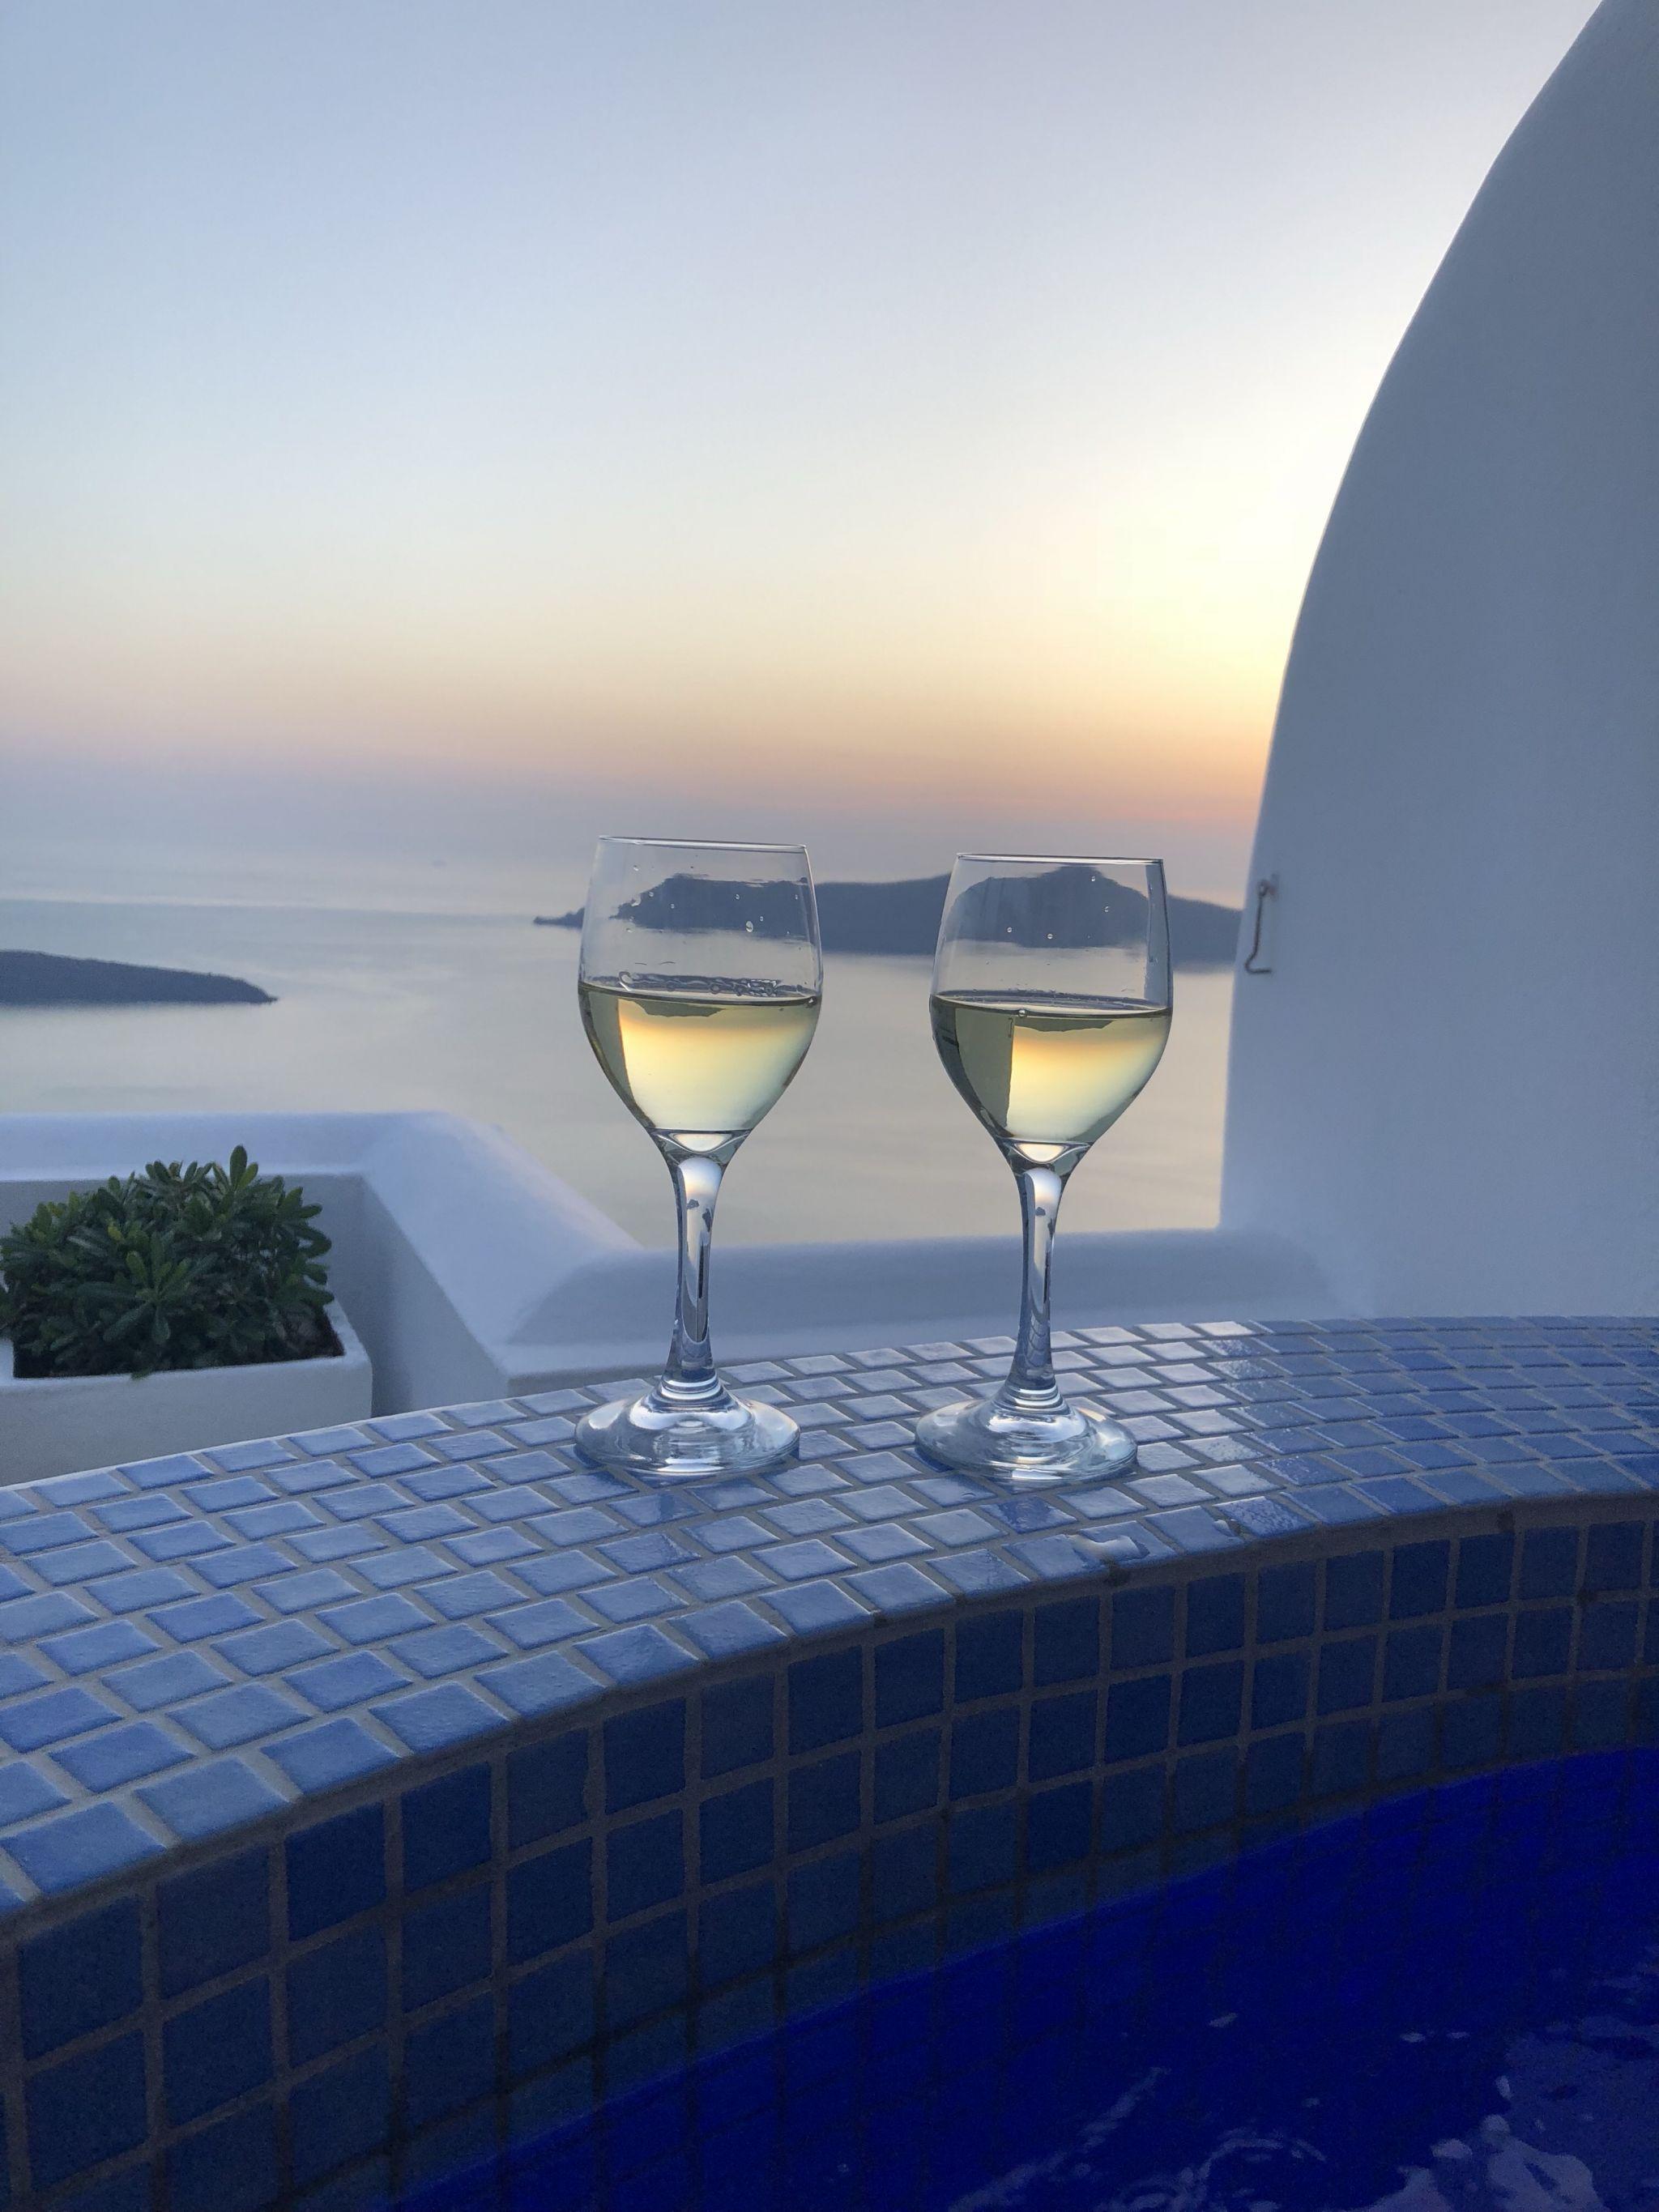 Top 10 Most Romantic Destinations